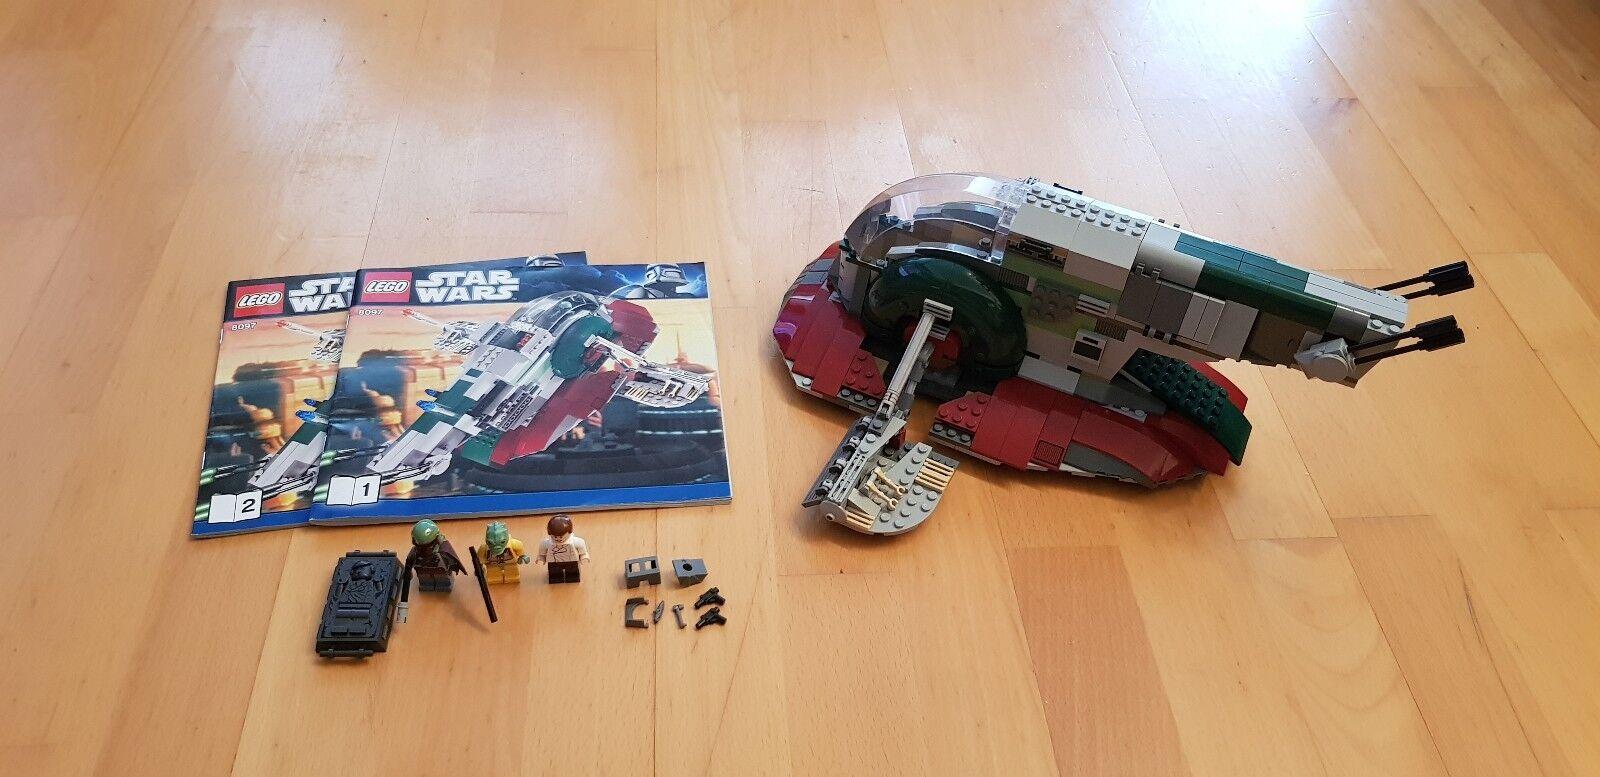 Lego Star Wars 8097 - Slave 1